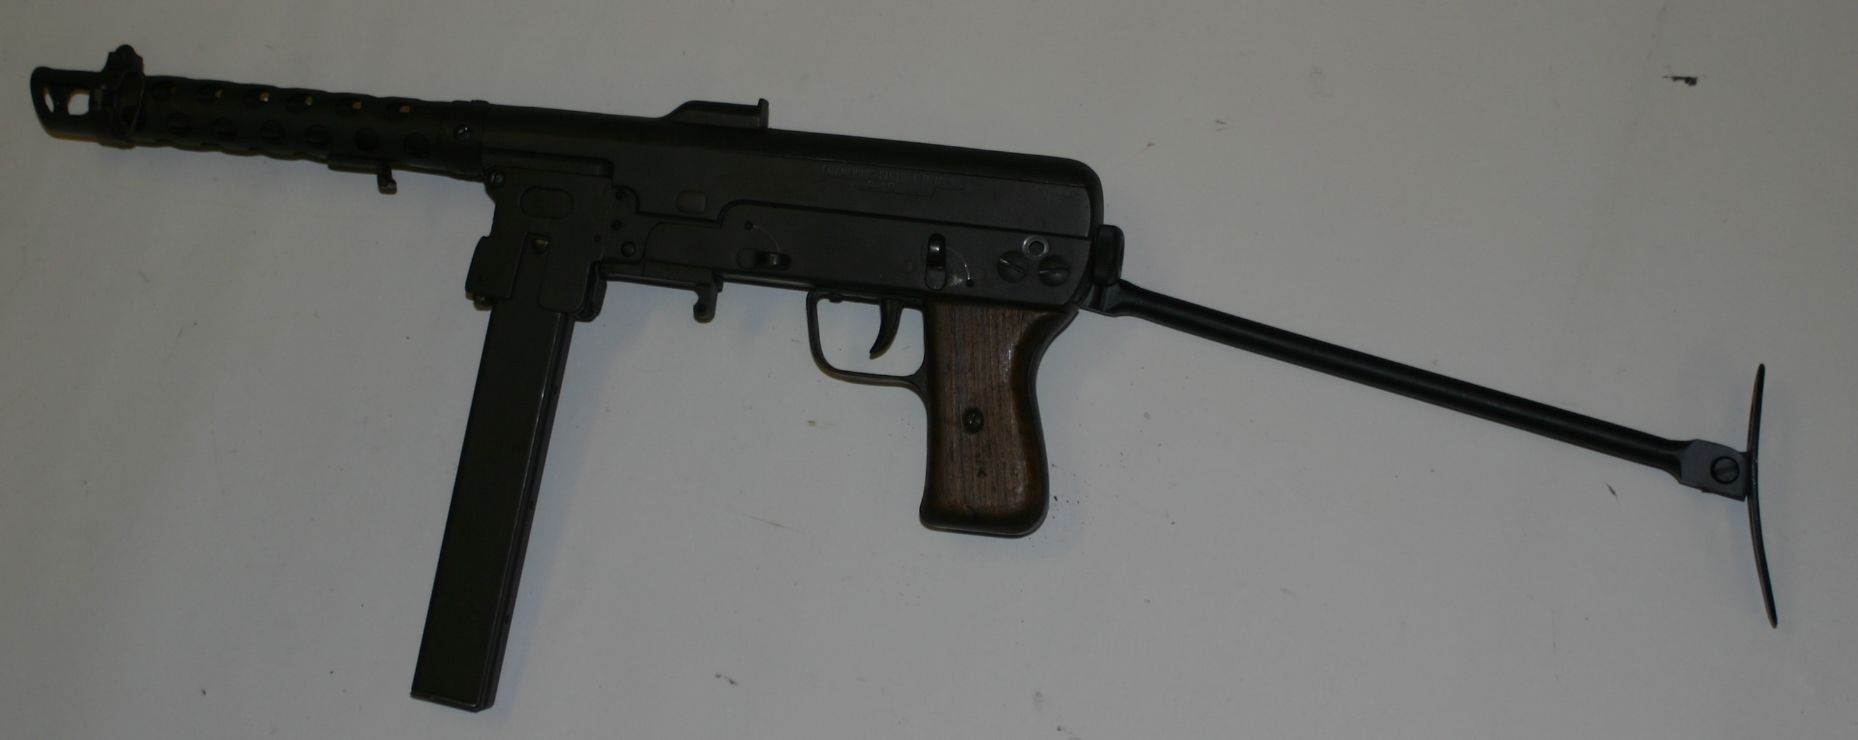 Pin On Sub Machine Guns Early